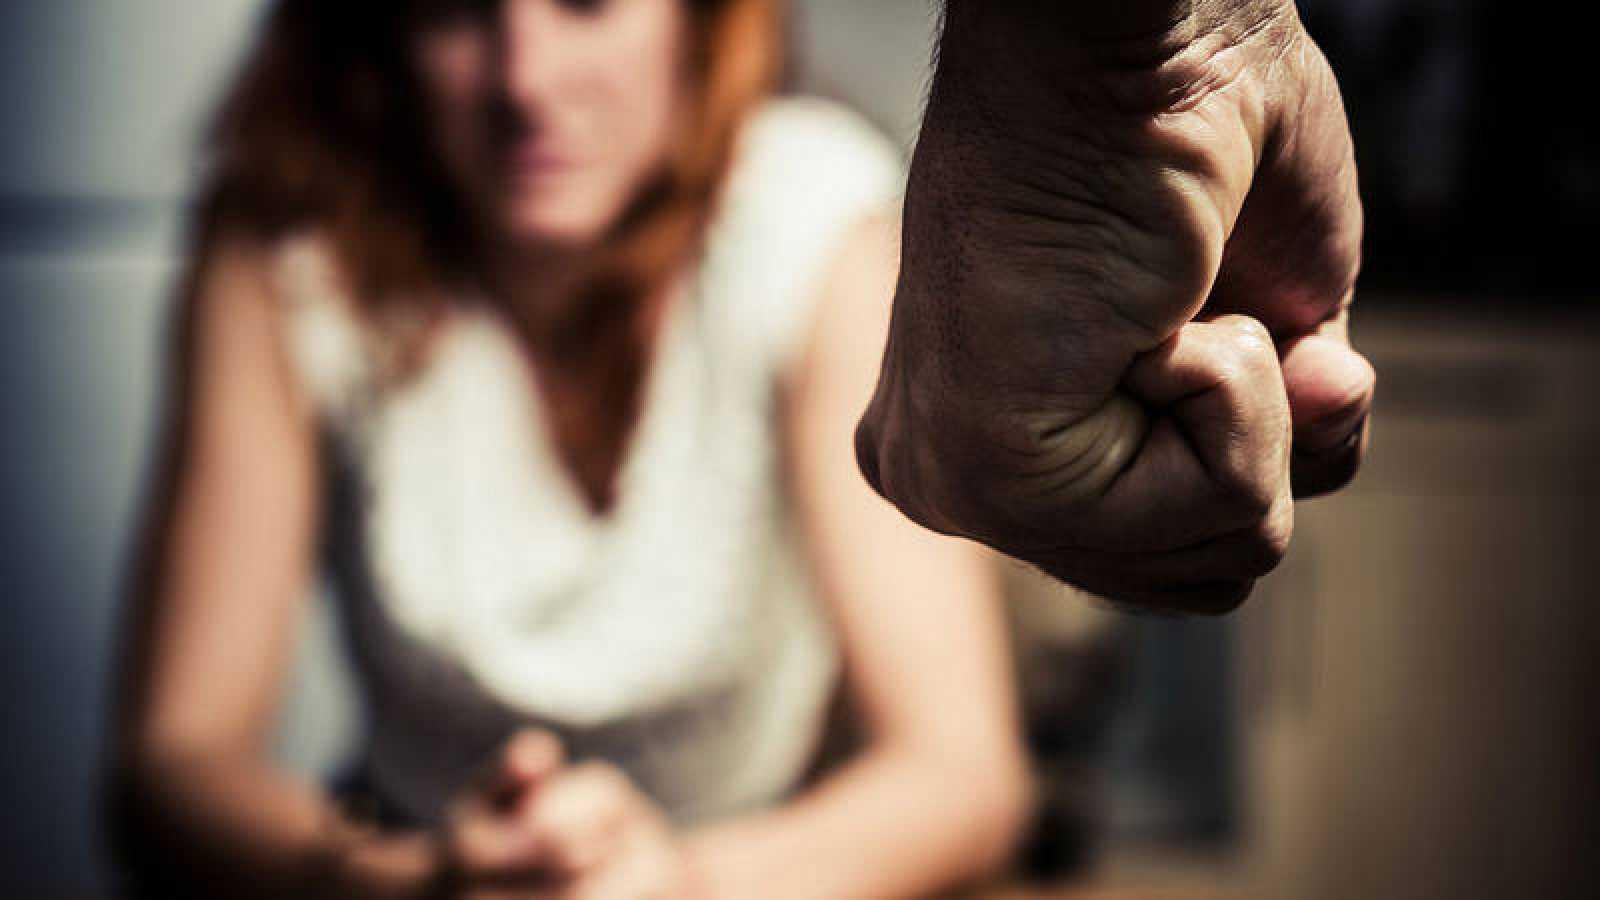 El 70% de las mujeres asesinadas no habían denunciado